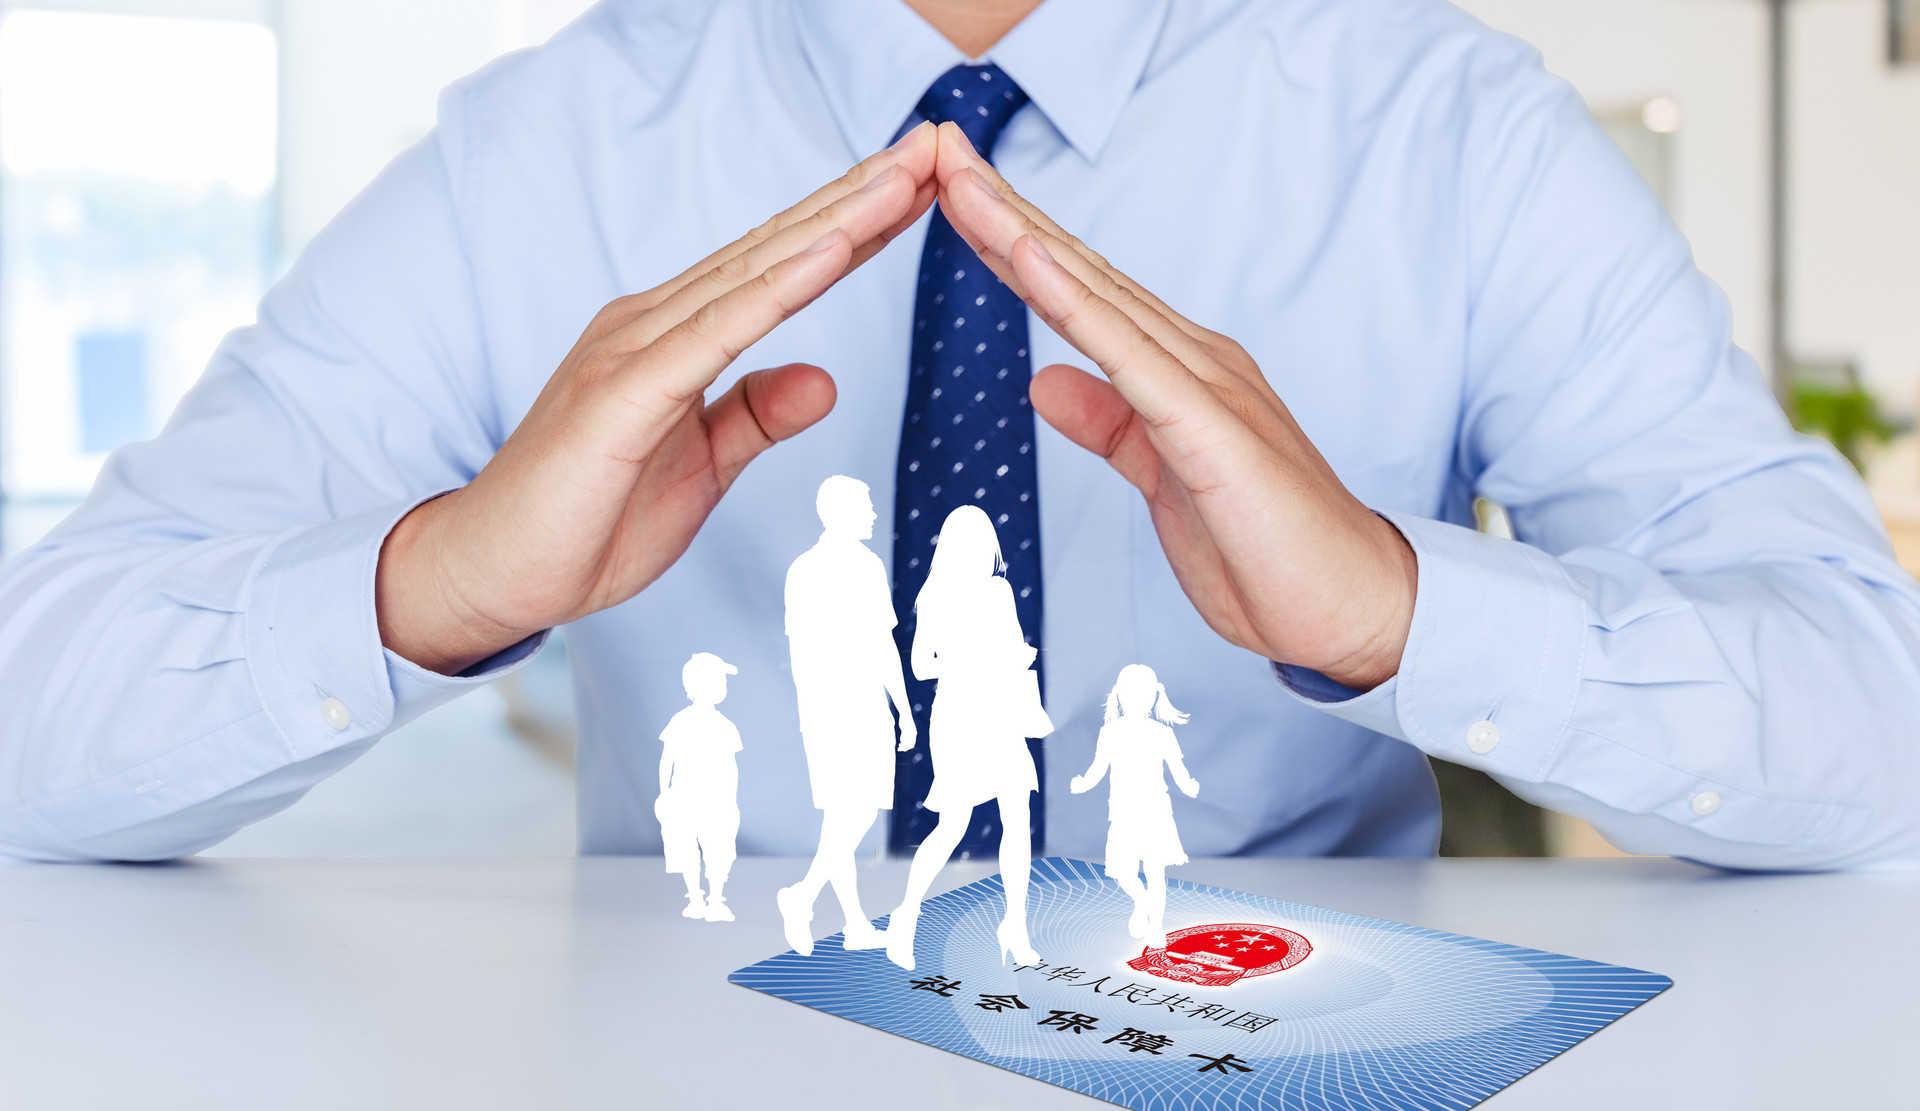 企业社保代缴的形式有哪些,代缴社保的企业,代理社保